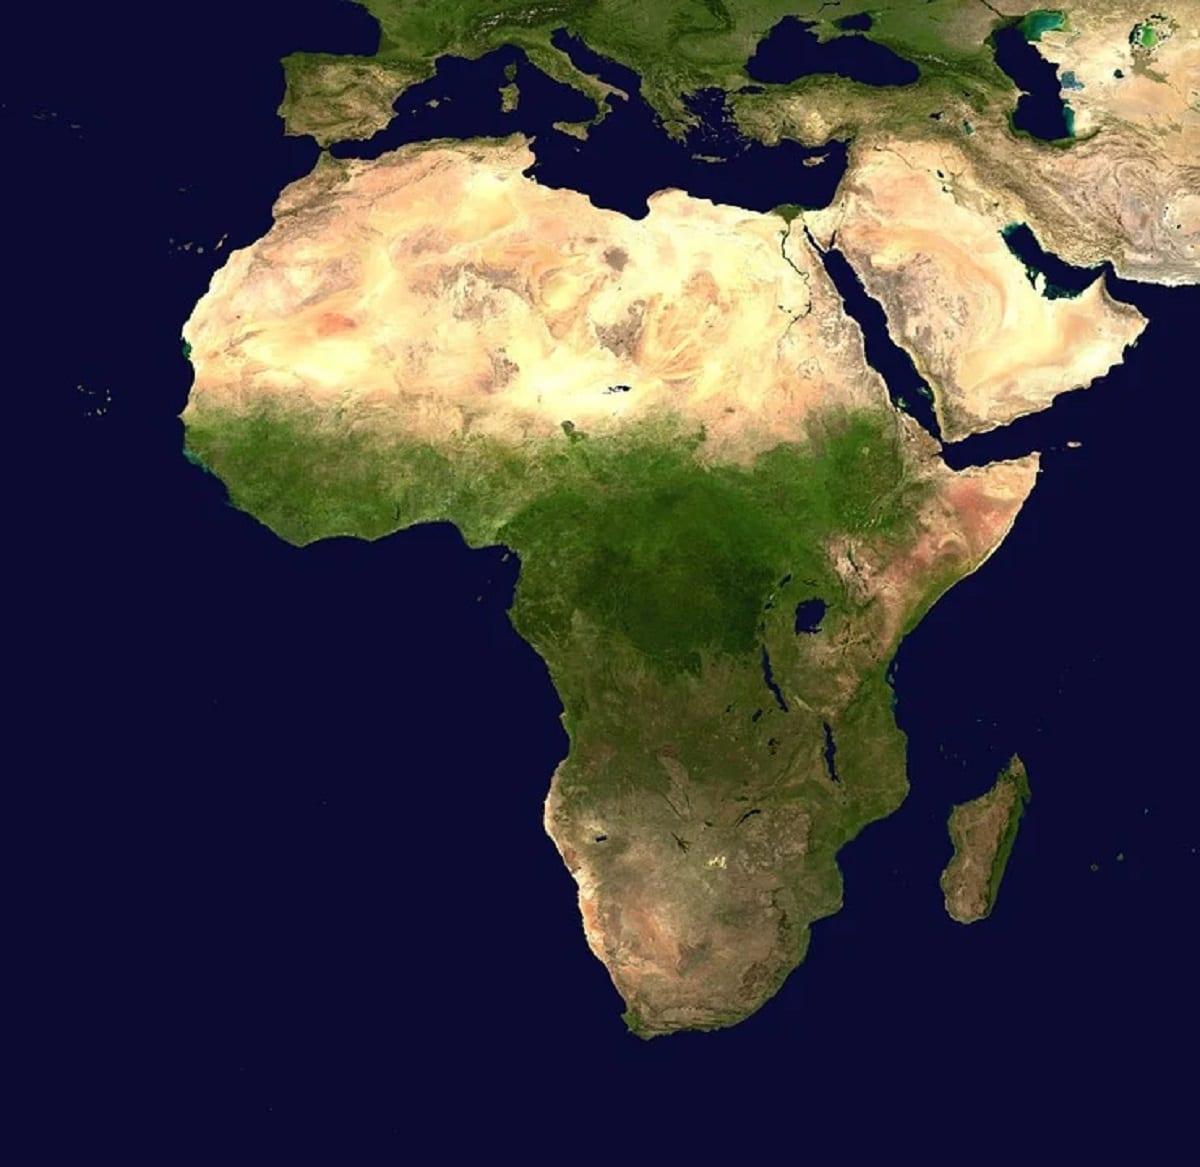 Lo que pueden aprender tus hijos sobre África